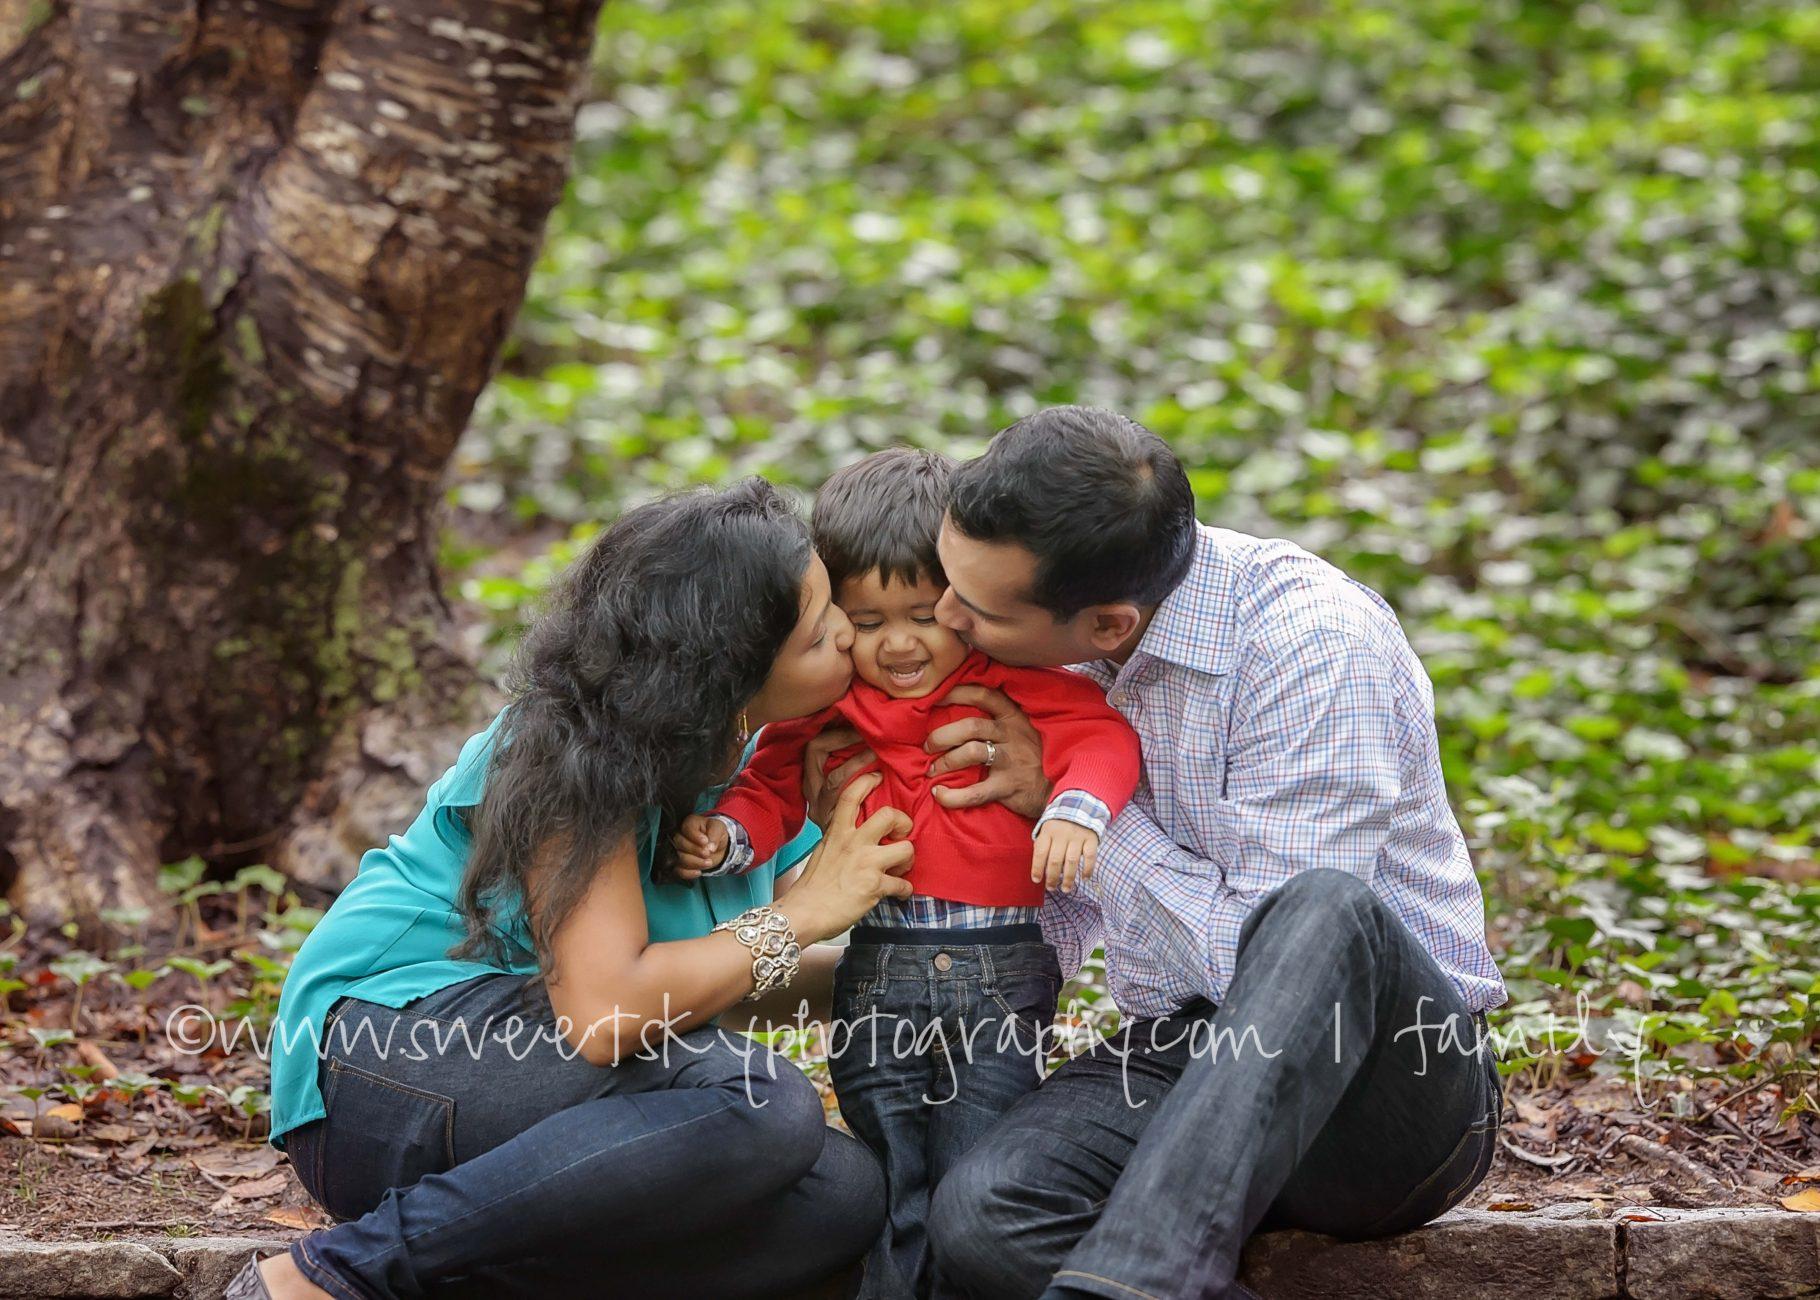 Atlanta Family Photography Session